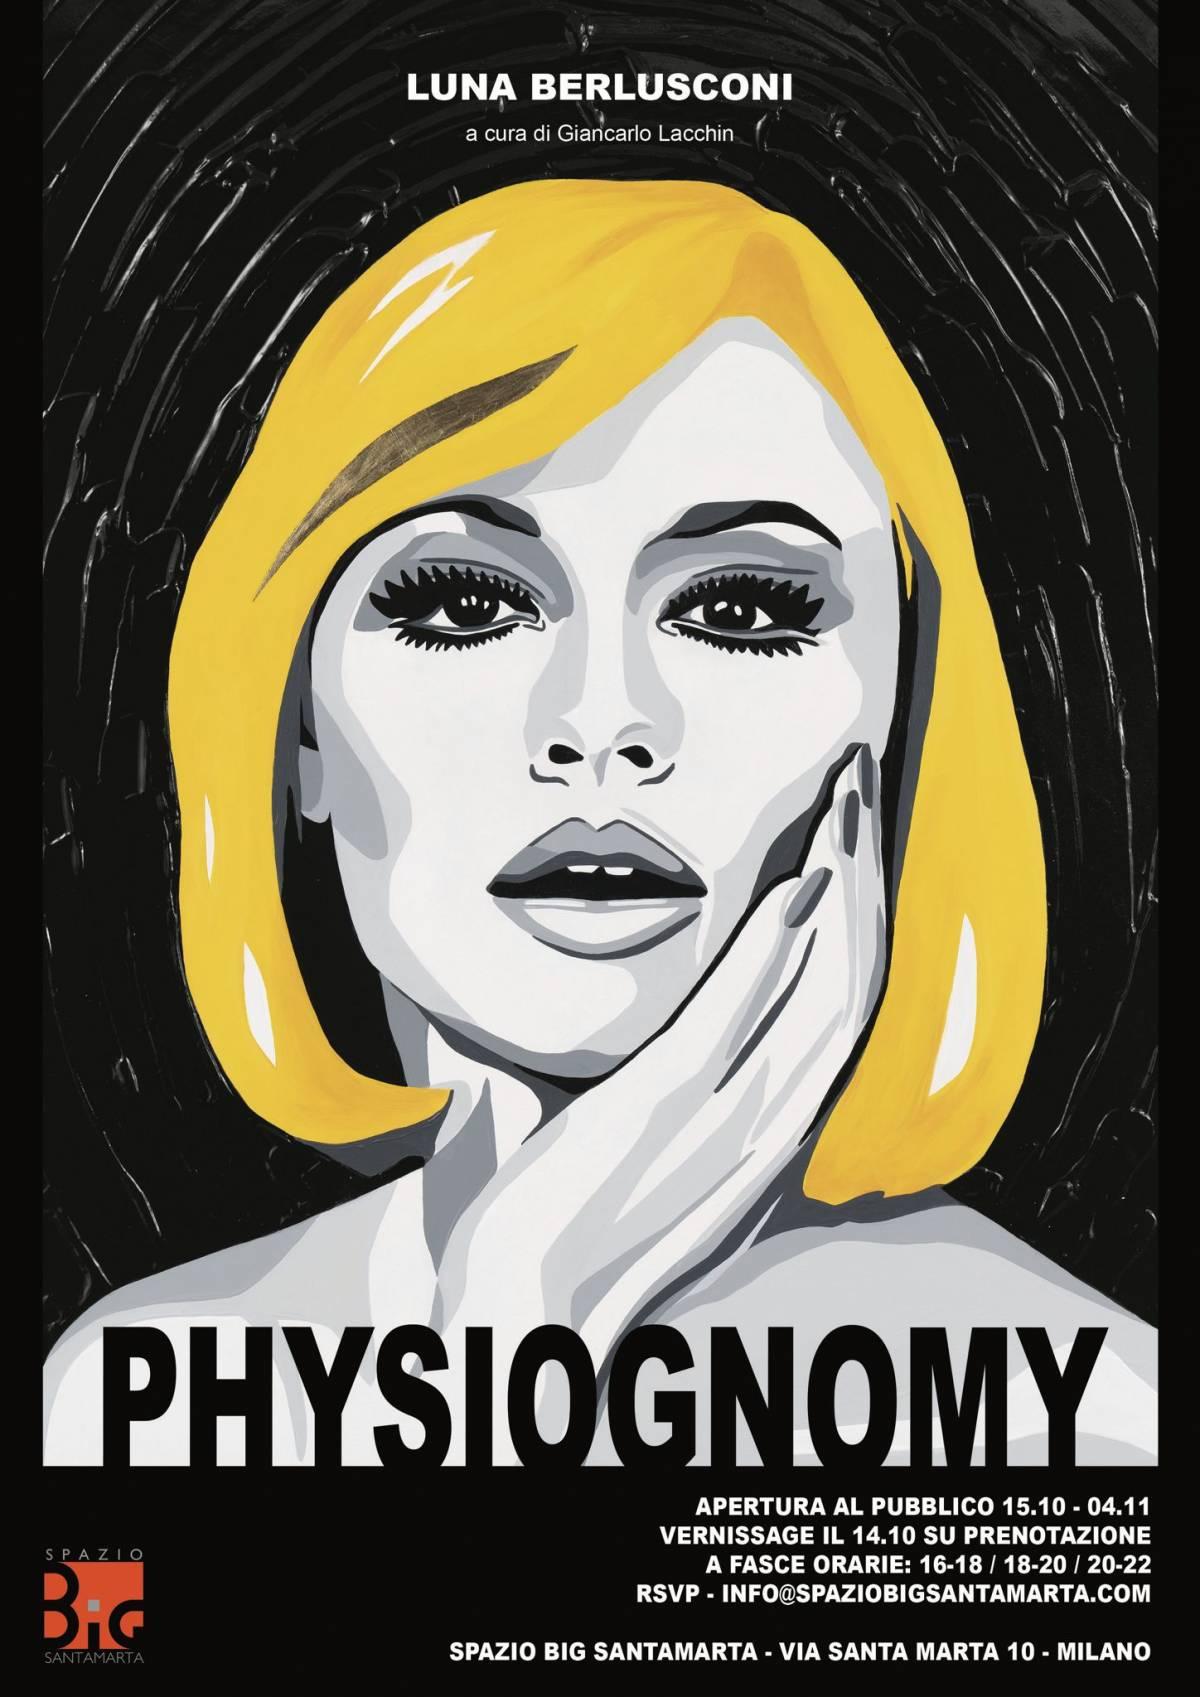 Physiognomy, la nuova esposizione artistica di Luna Berlusconi